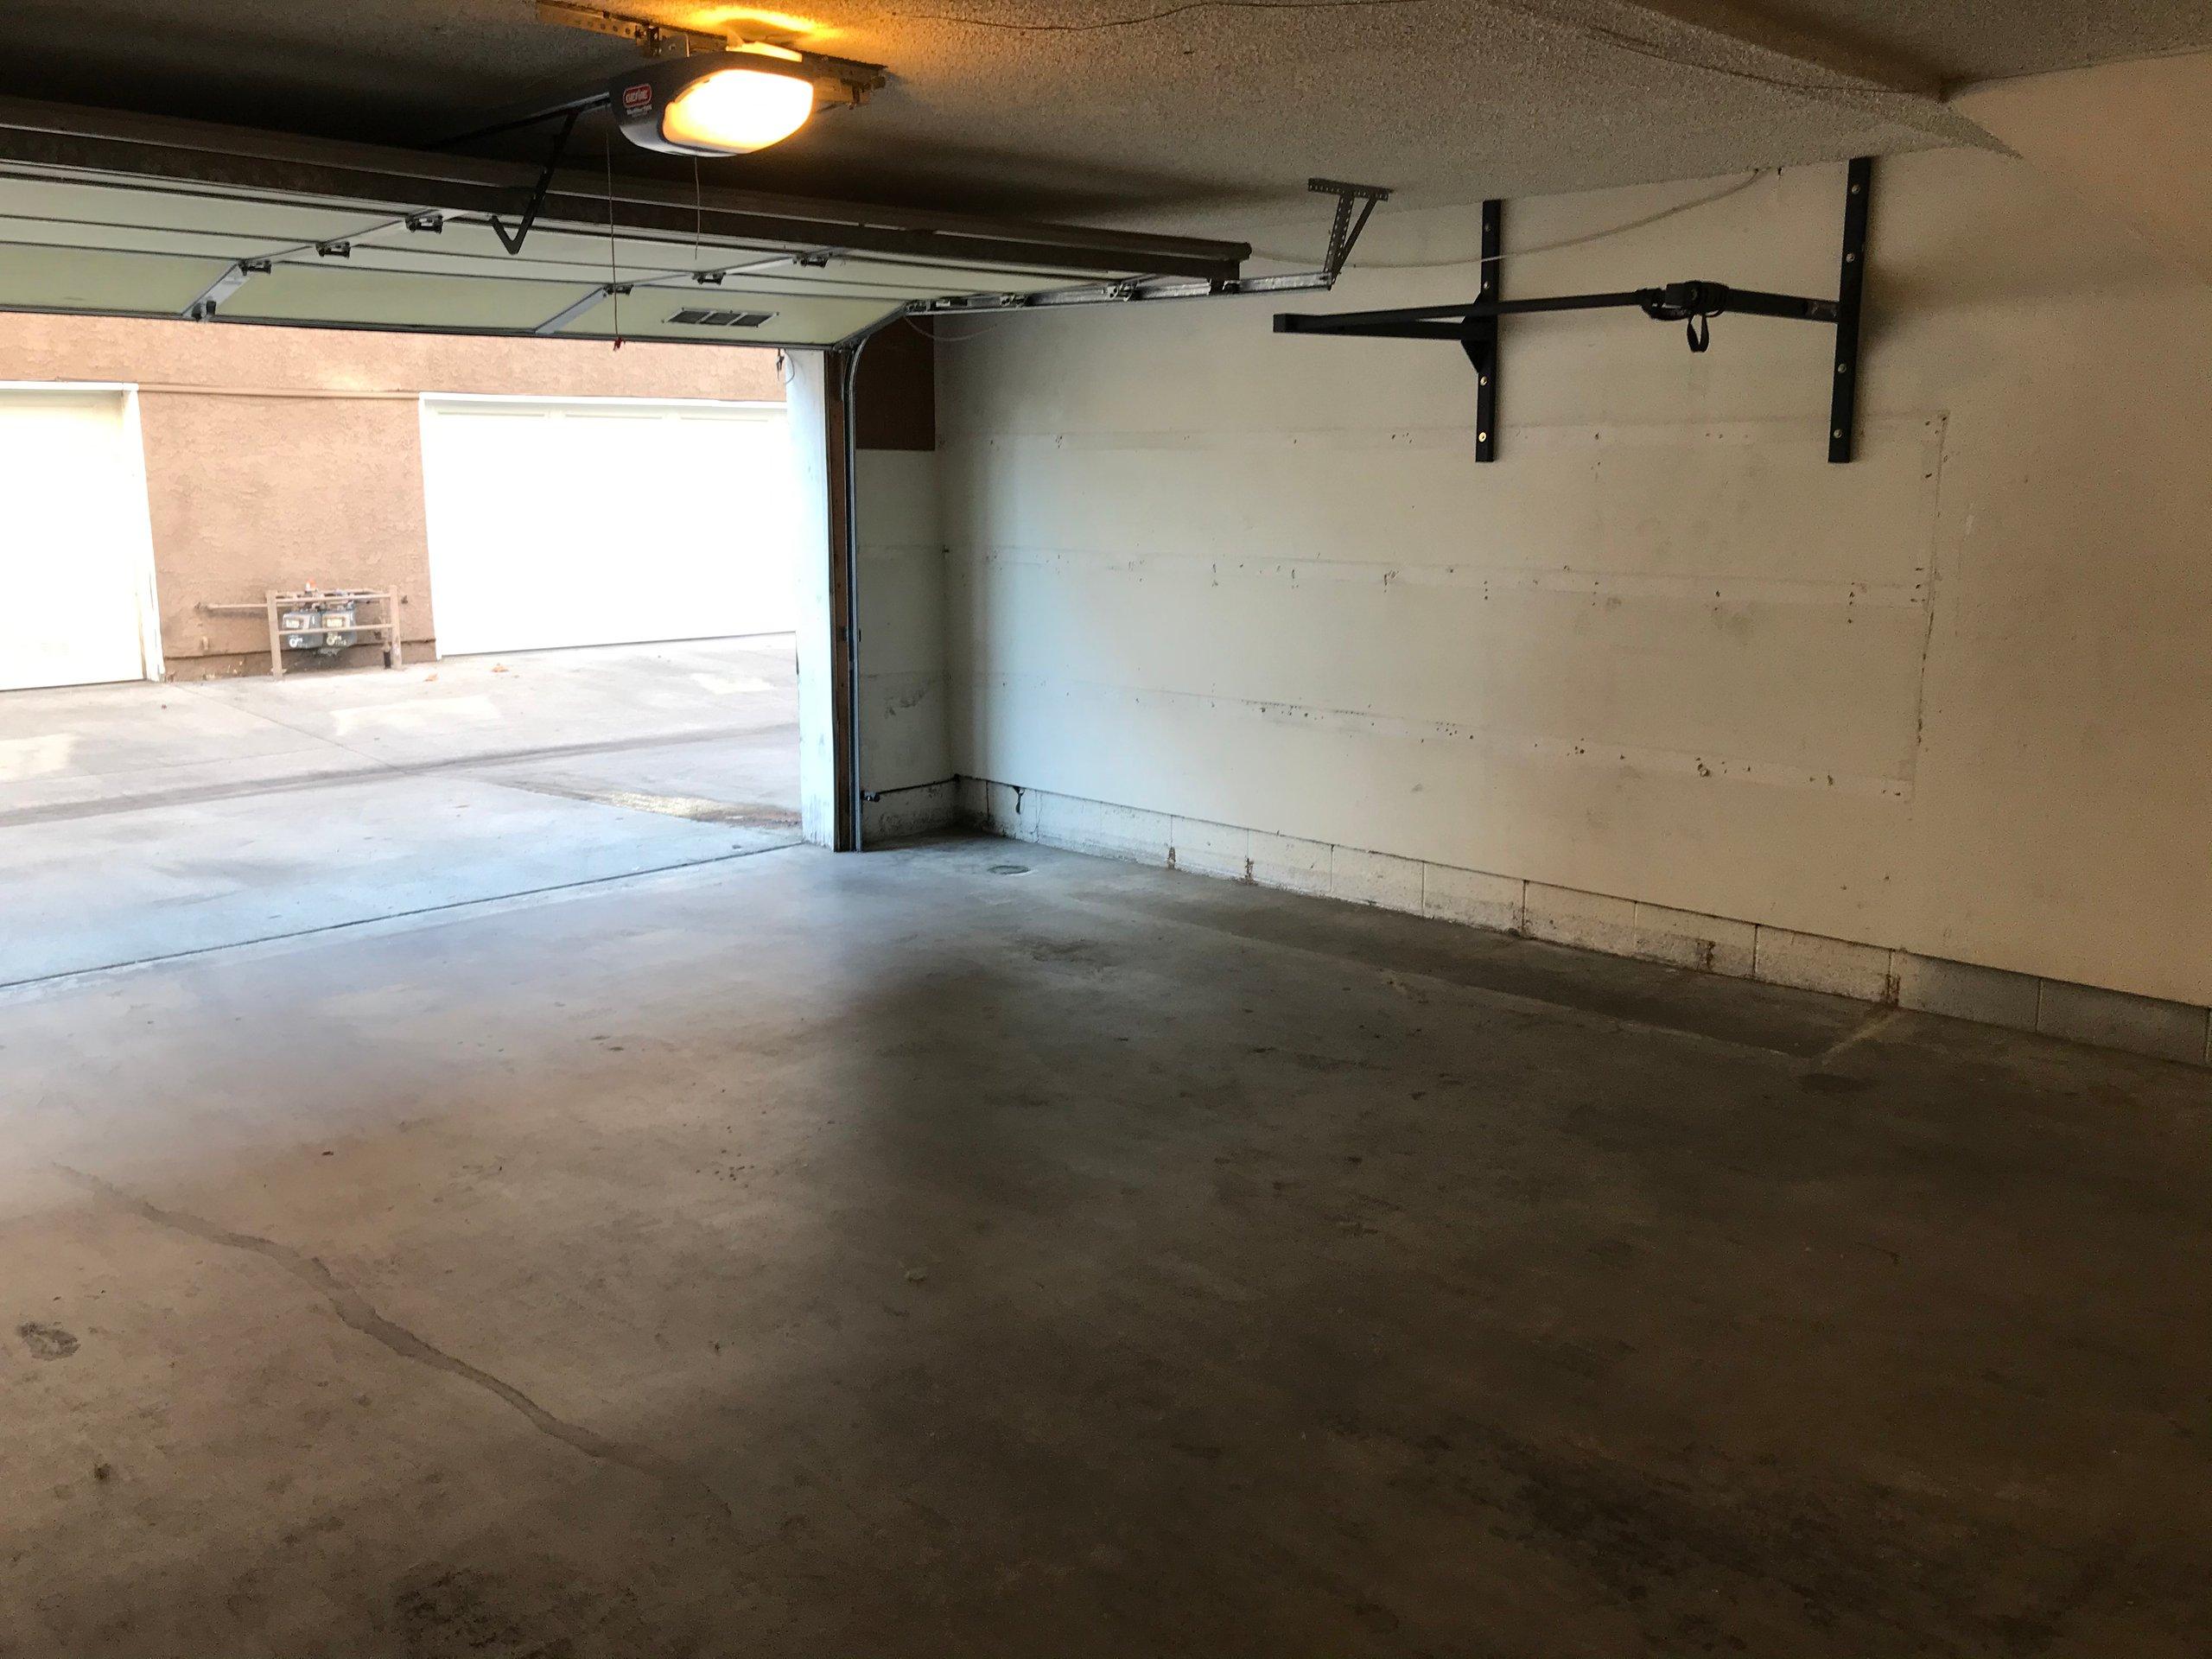 25x10 Garage self storage unit